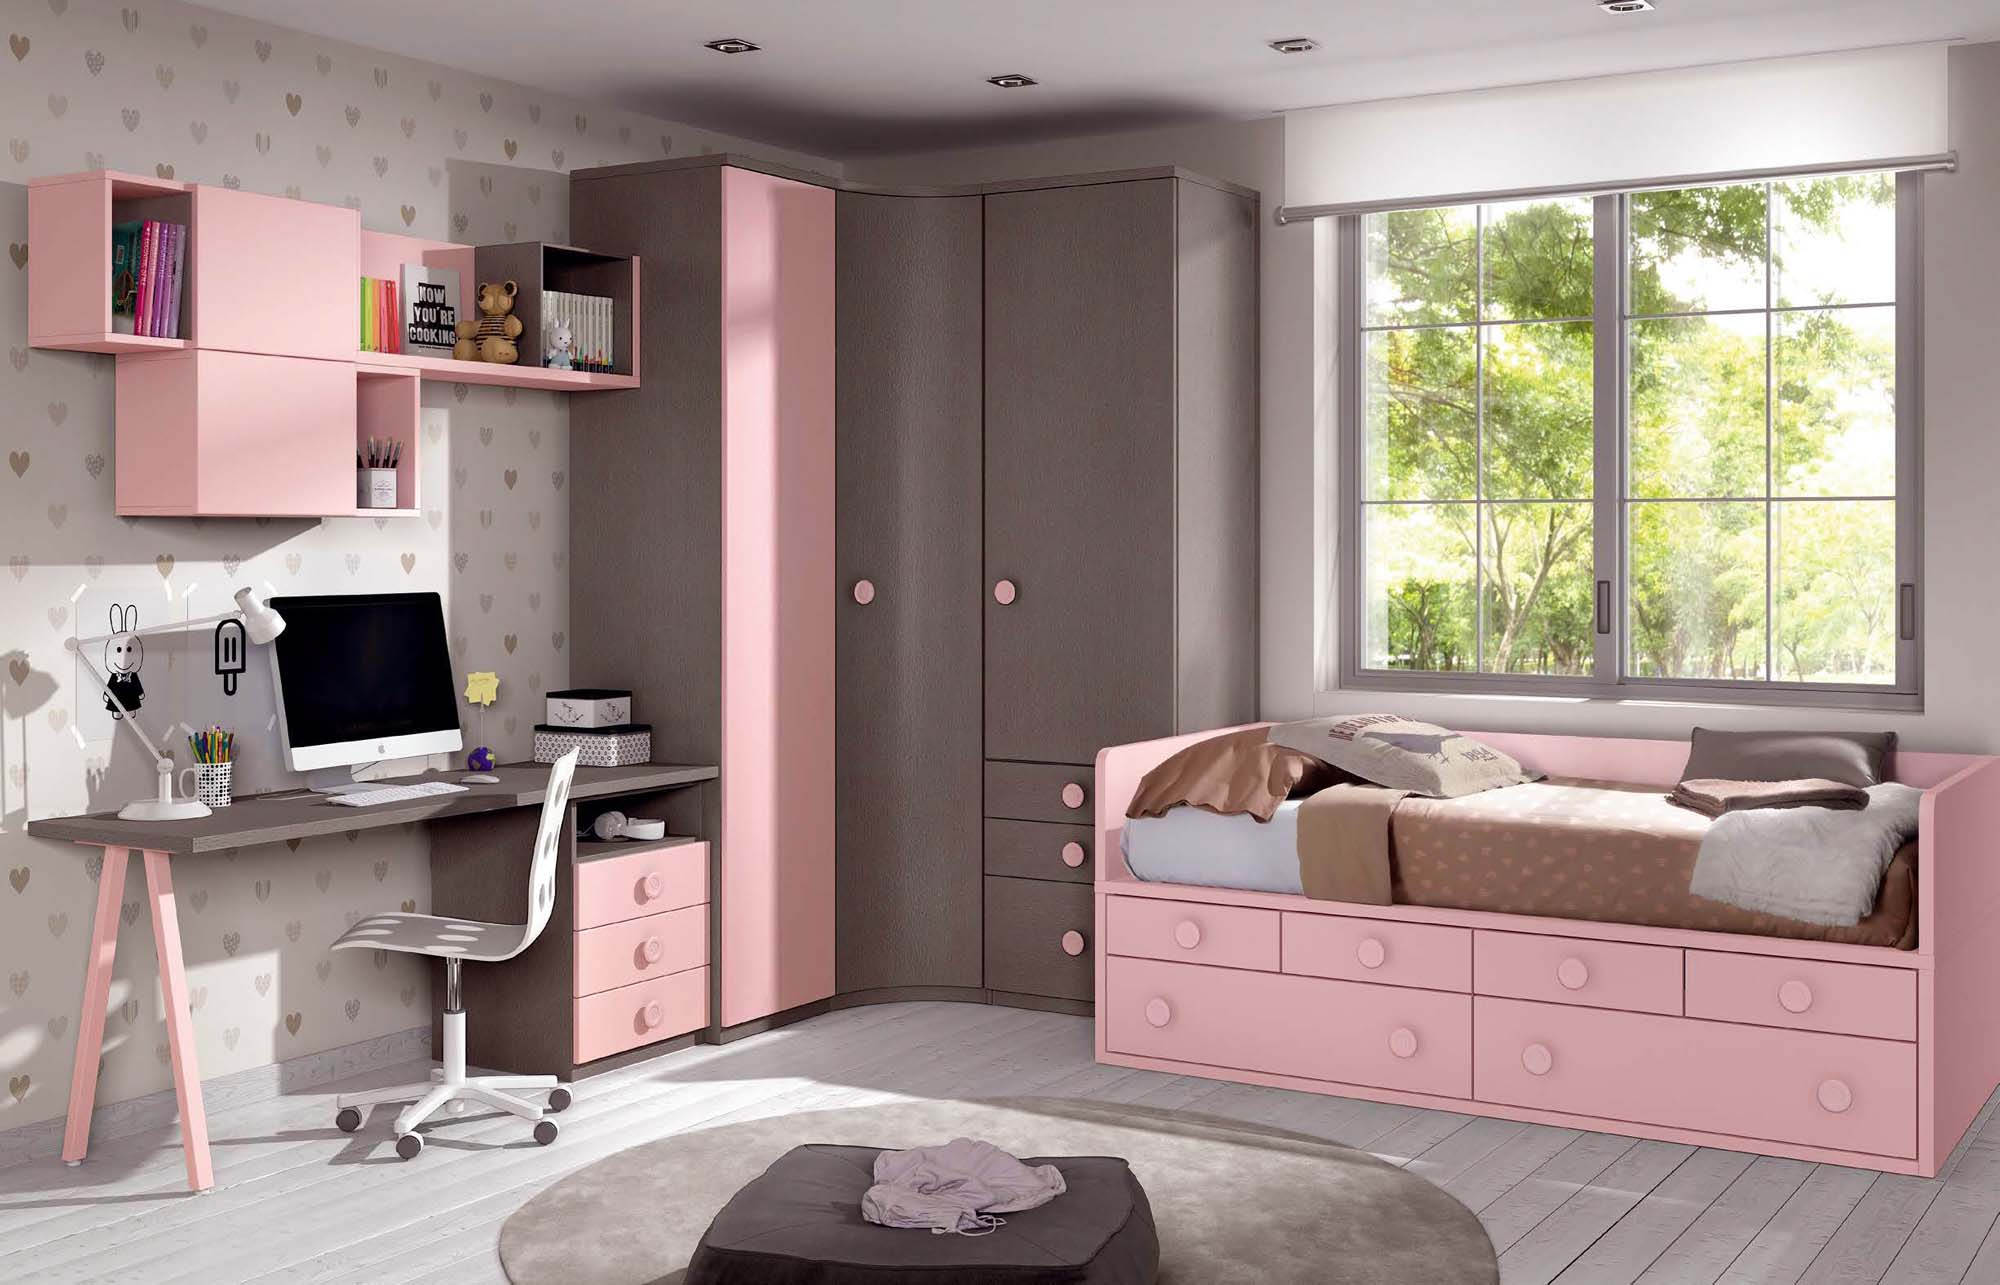 Chambre fillette colorée à personnaliser - GLICERIO - SO NUIT